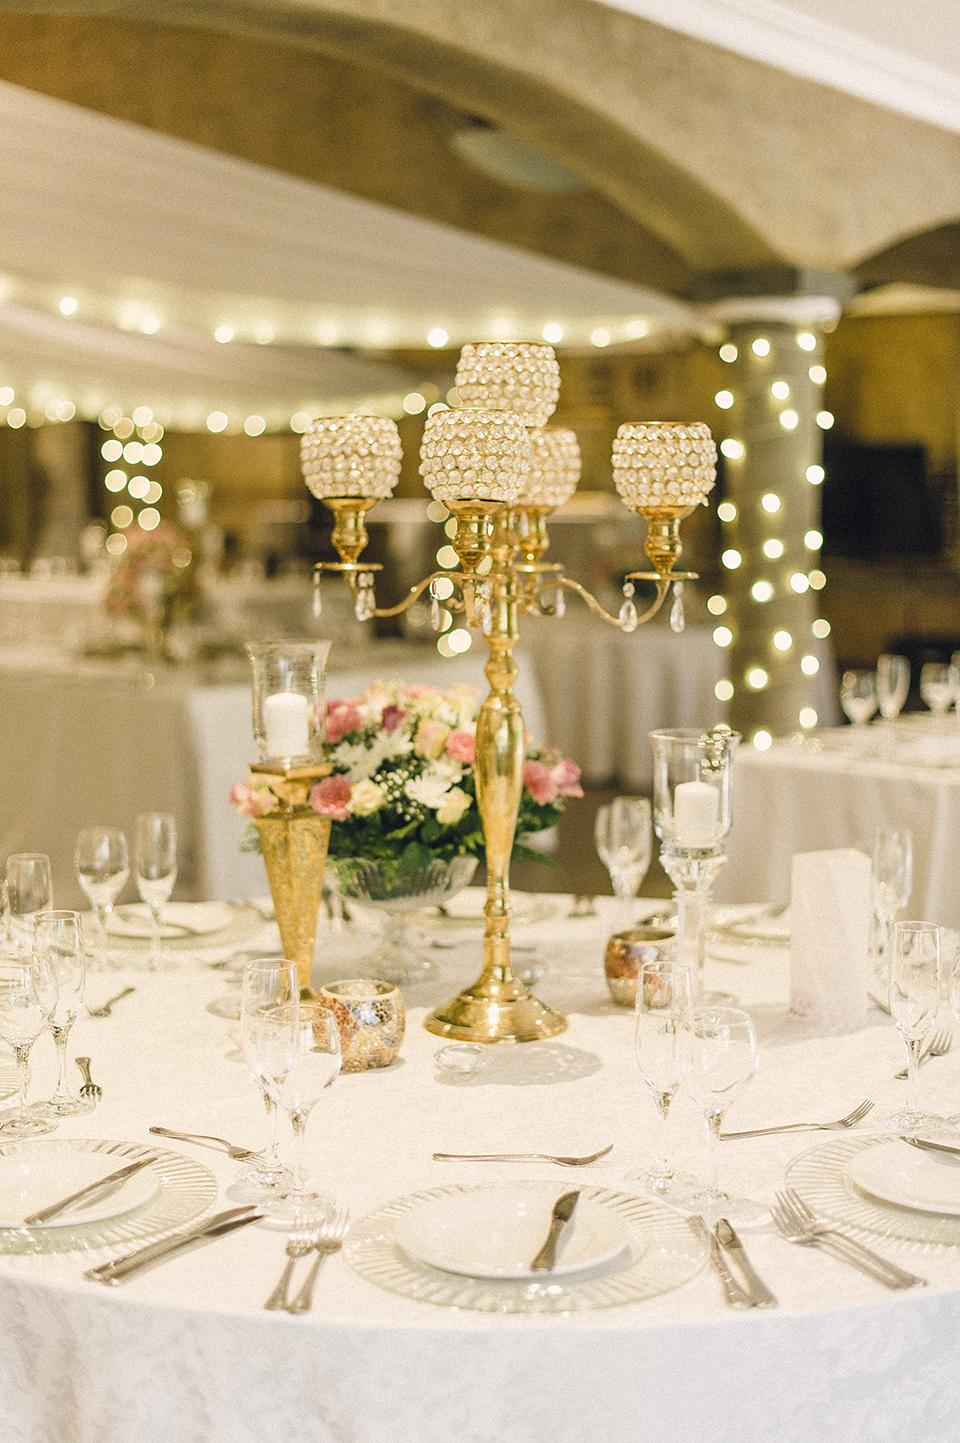 RyanParker_WeddingPhotographer_FineArt_CapeTown_Johannesburg_Hermanus_Avianto_T&L_DSC_8536.jpg